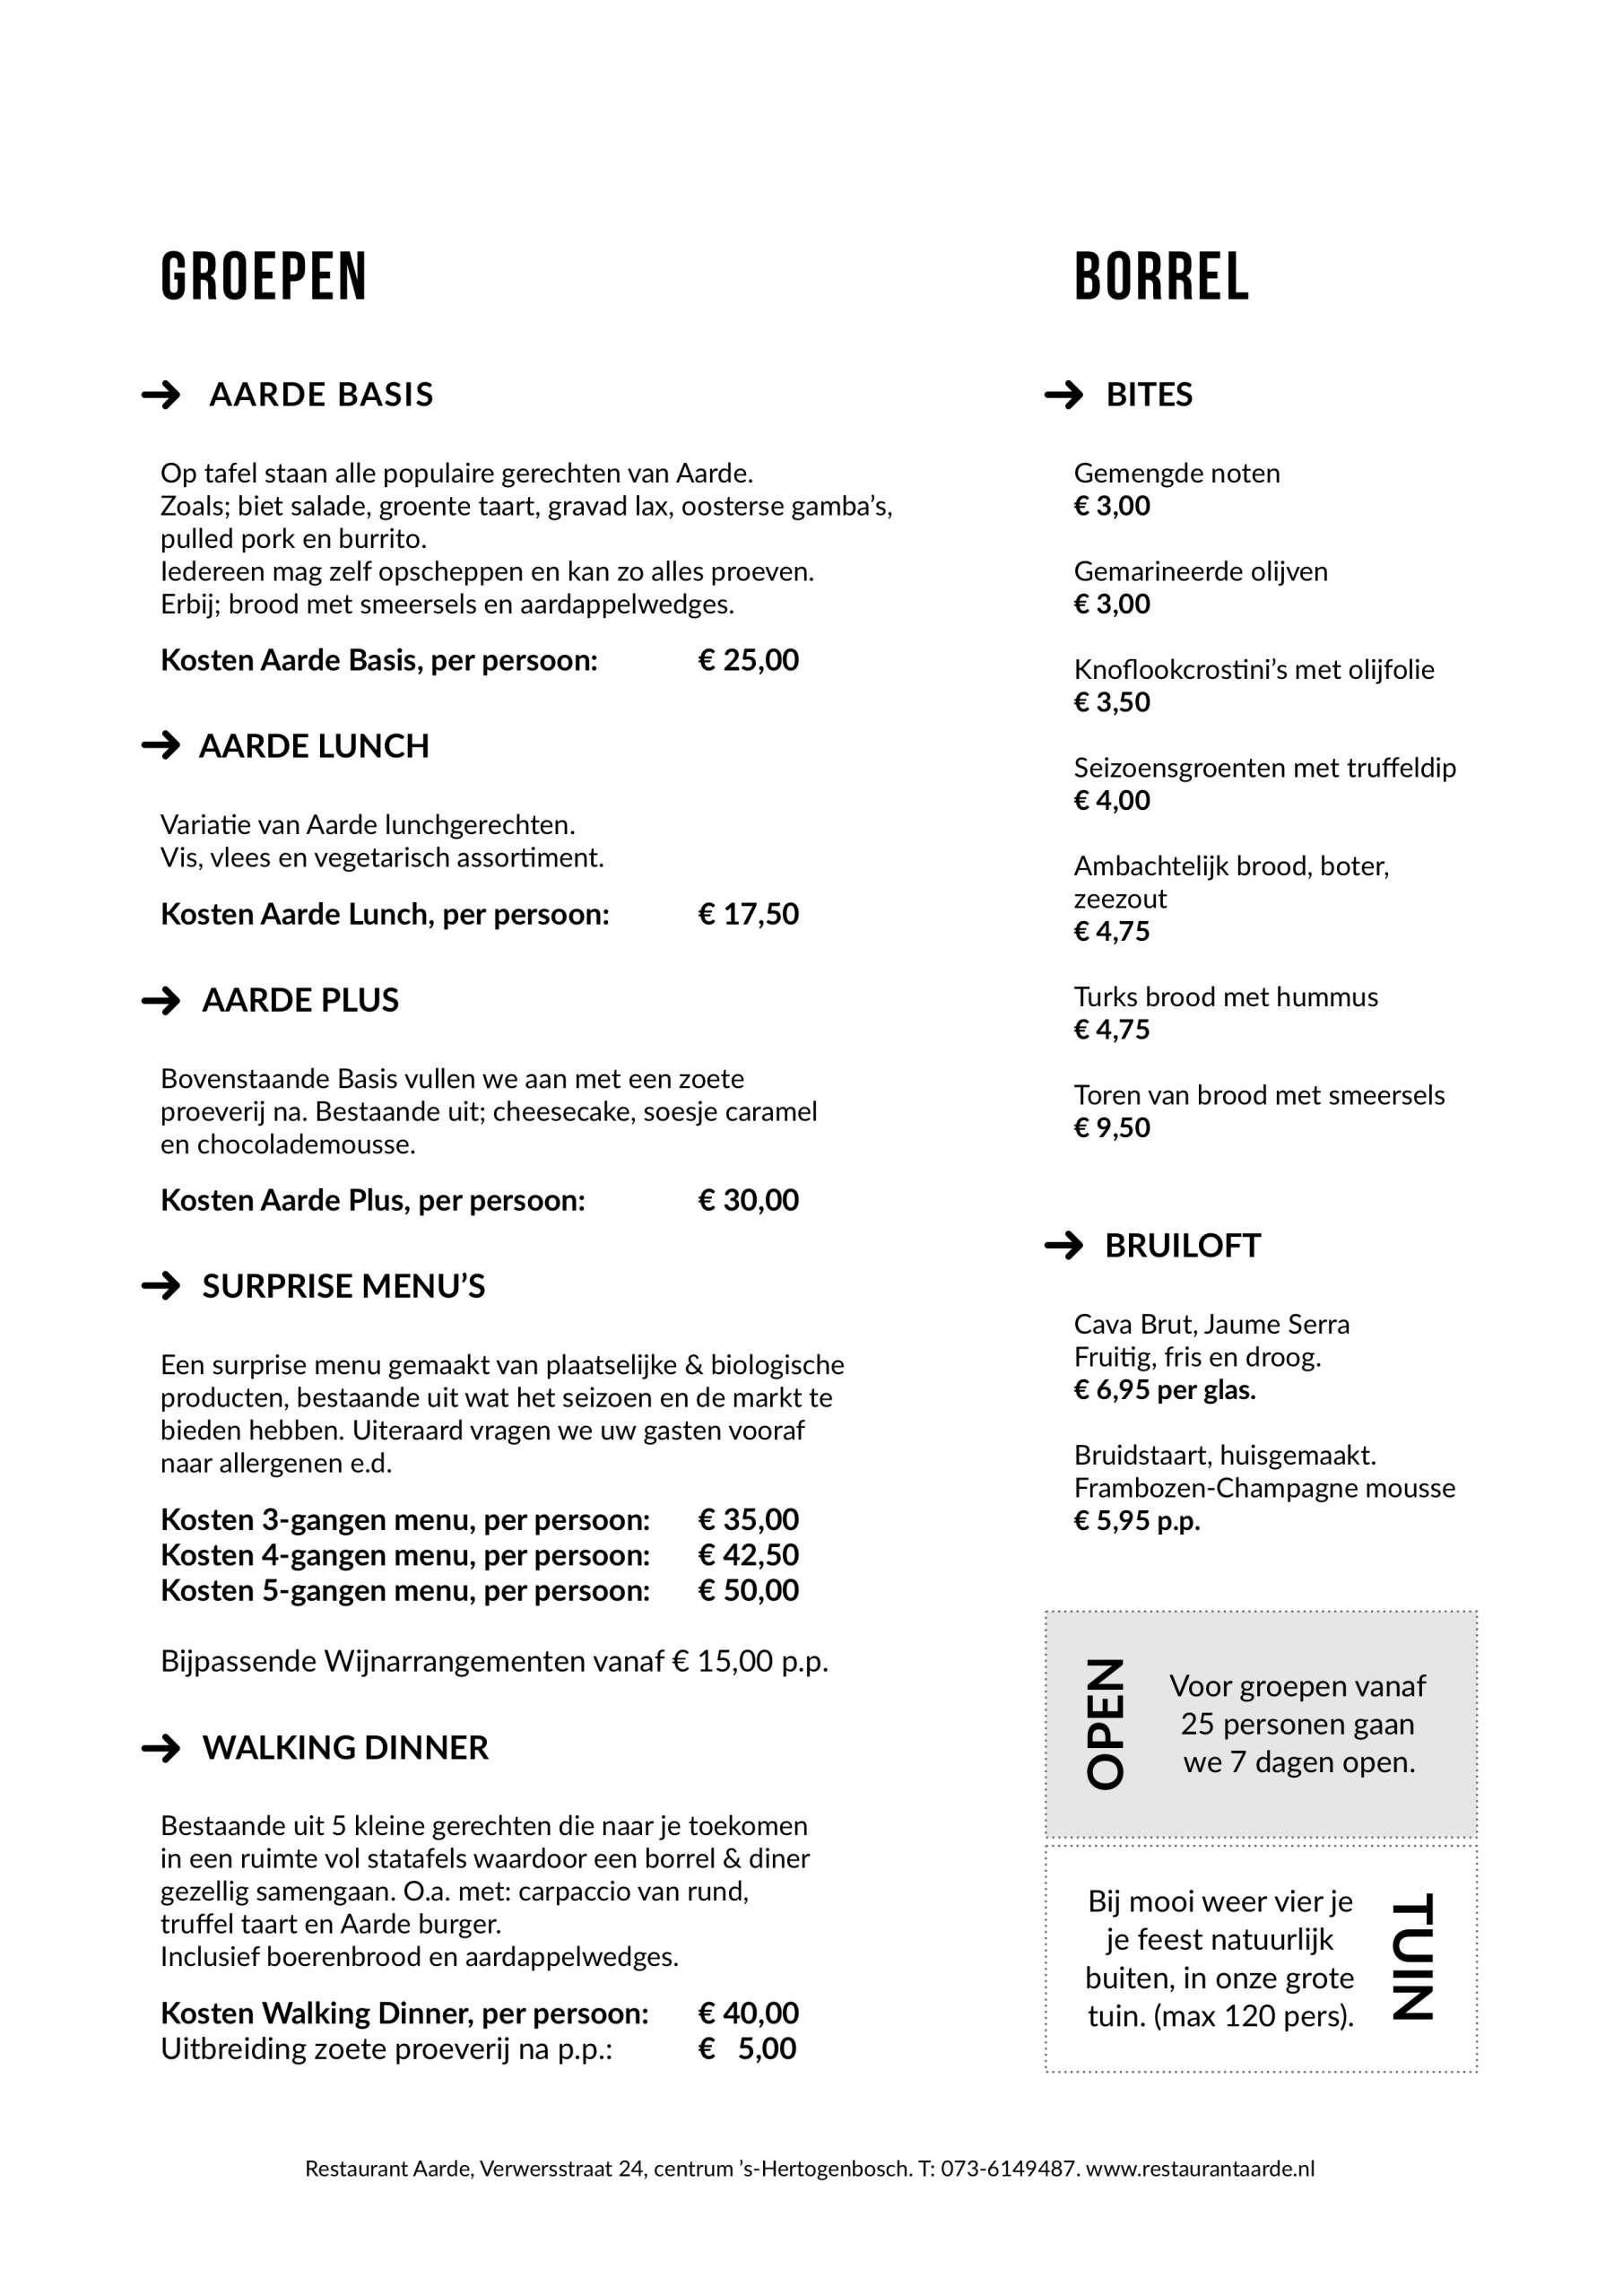 Groepen informatie restaurant aarde